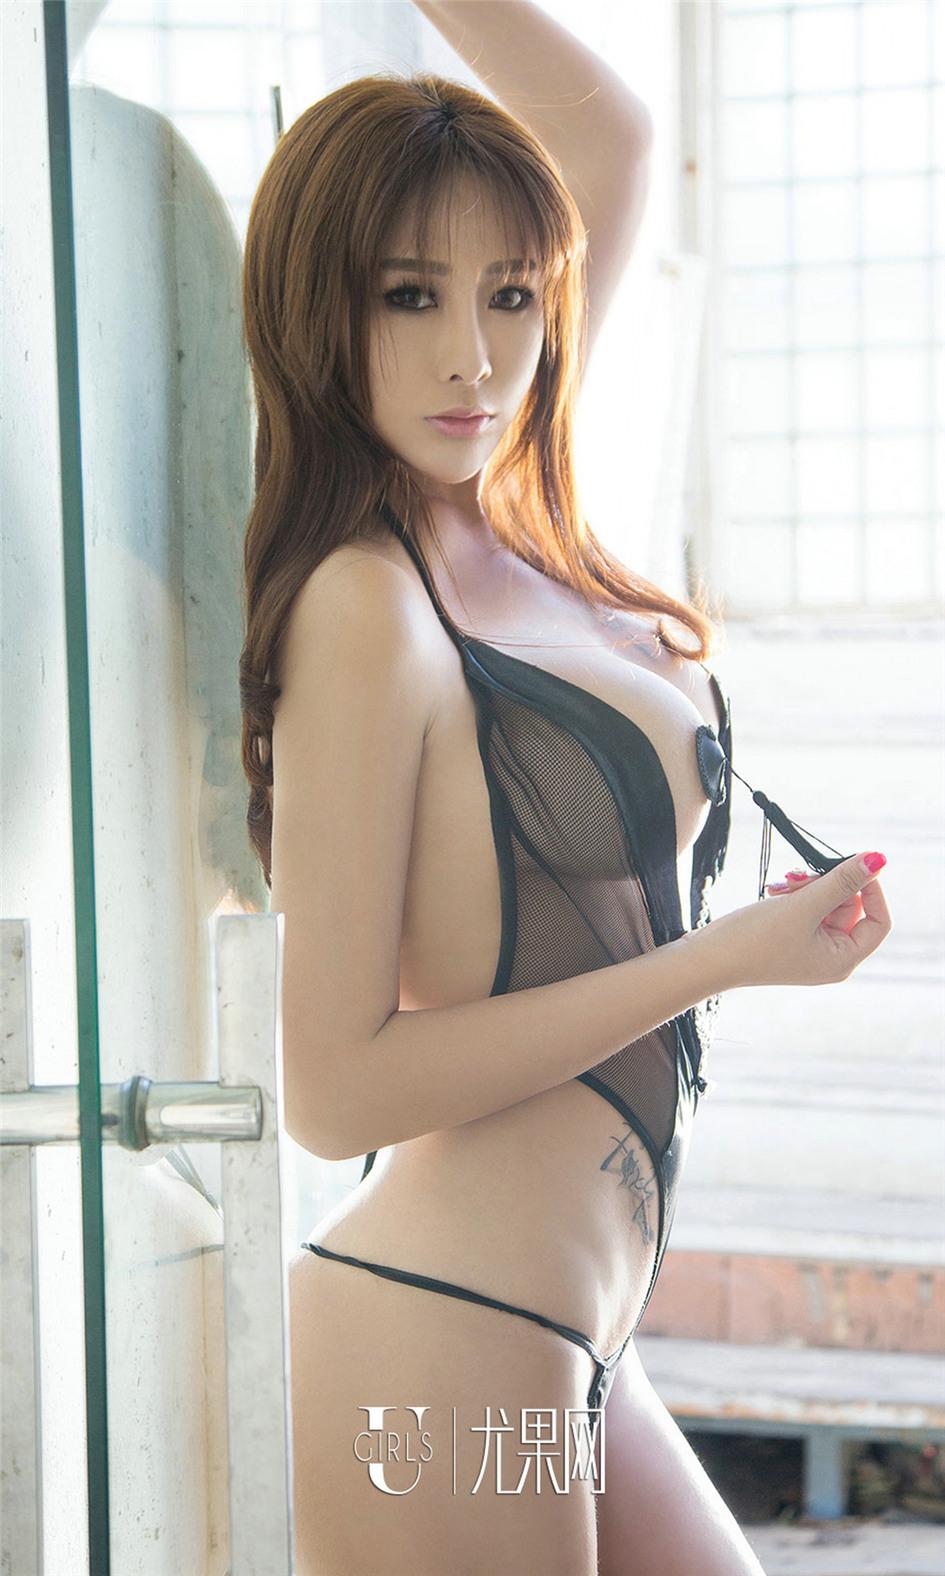 [尤果网] 嫩模孟狐狸蕾丝镂空装写真 第660期